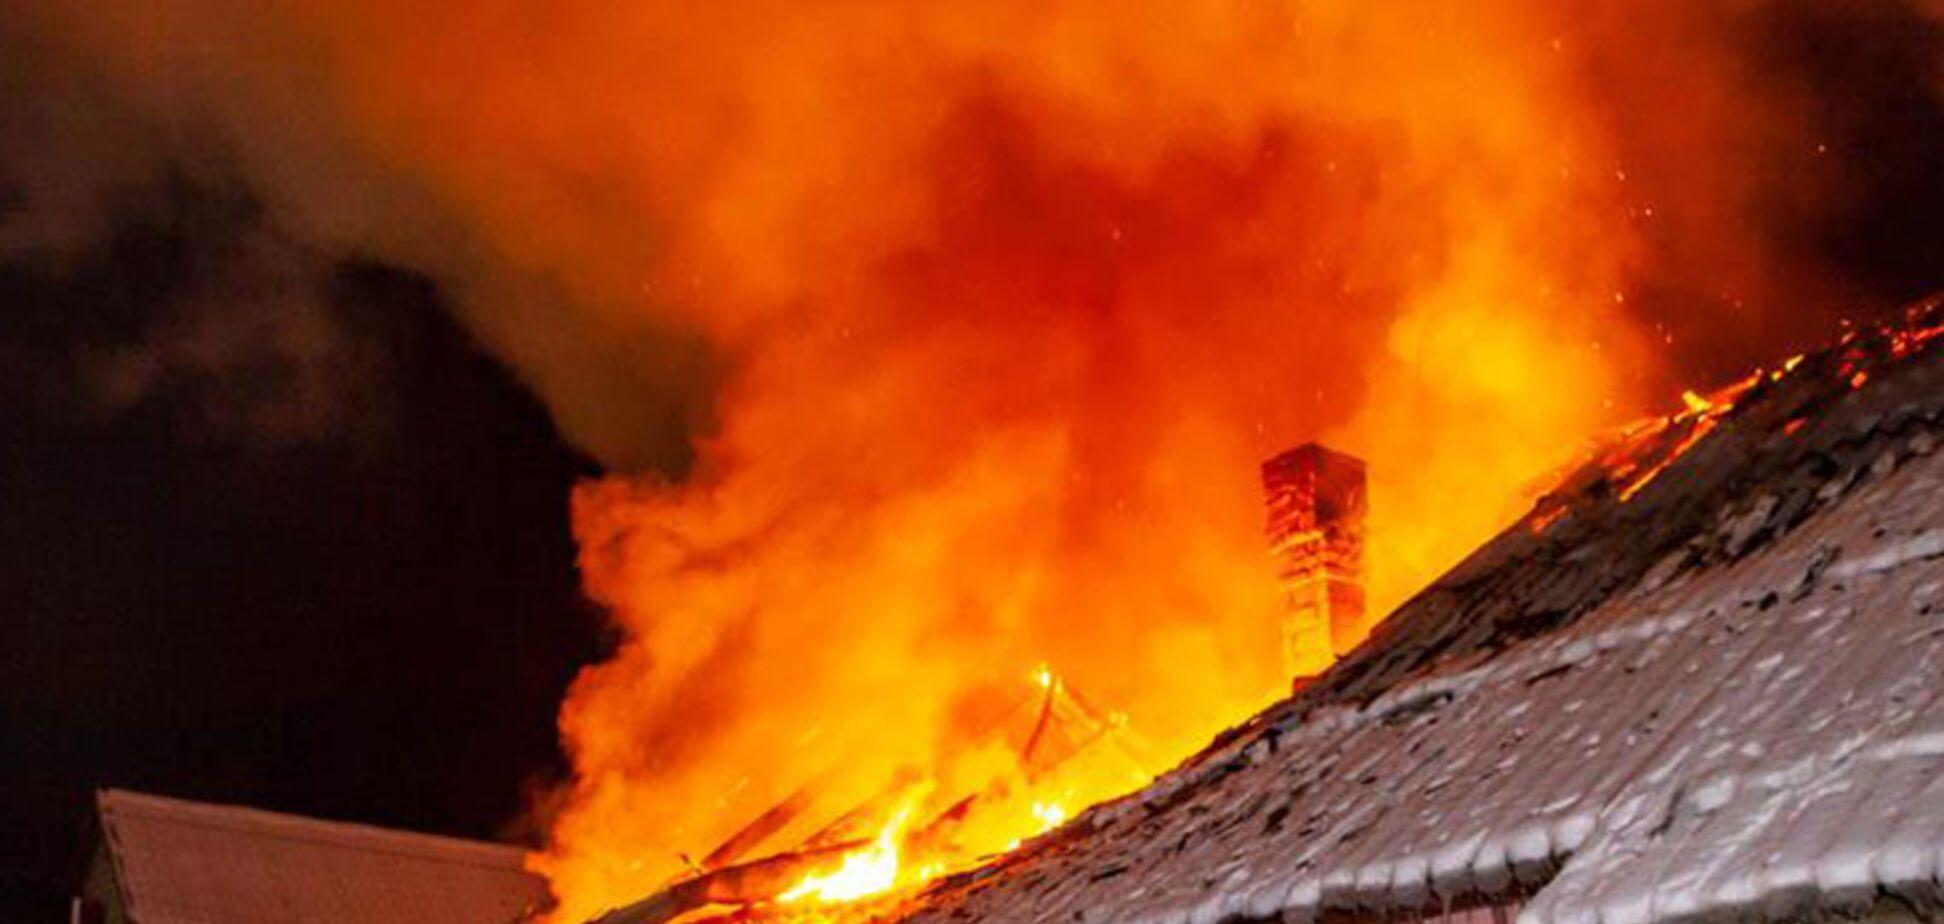 У Дніпрі на території приватного сектора сталася велика пожежа. Відео